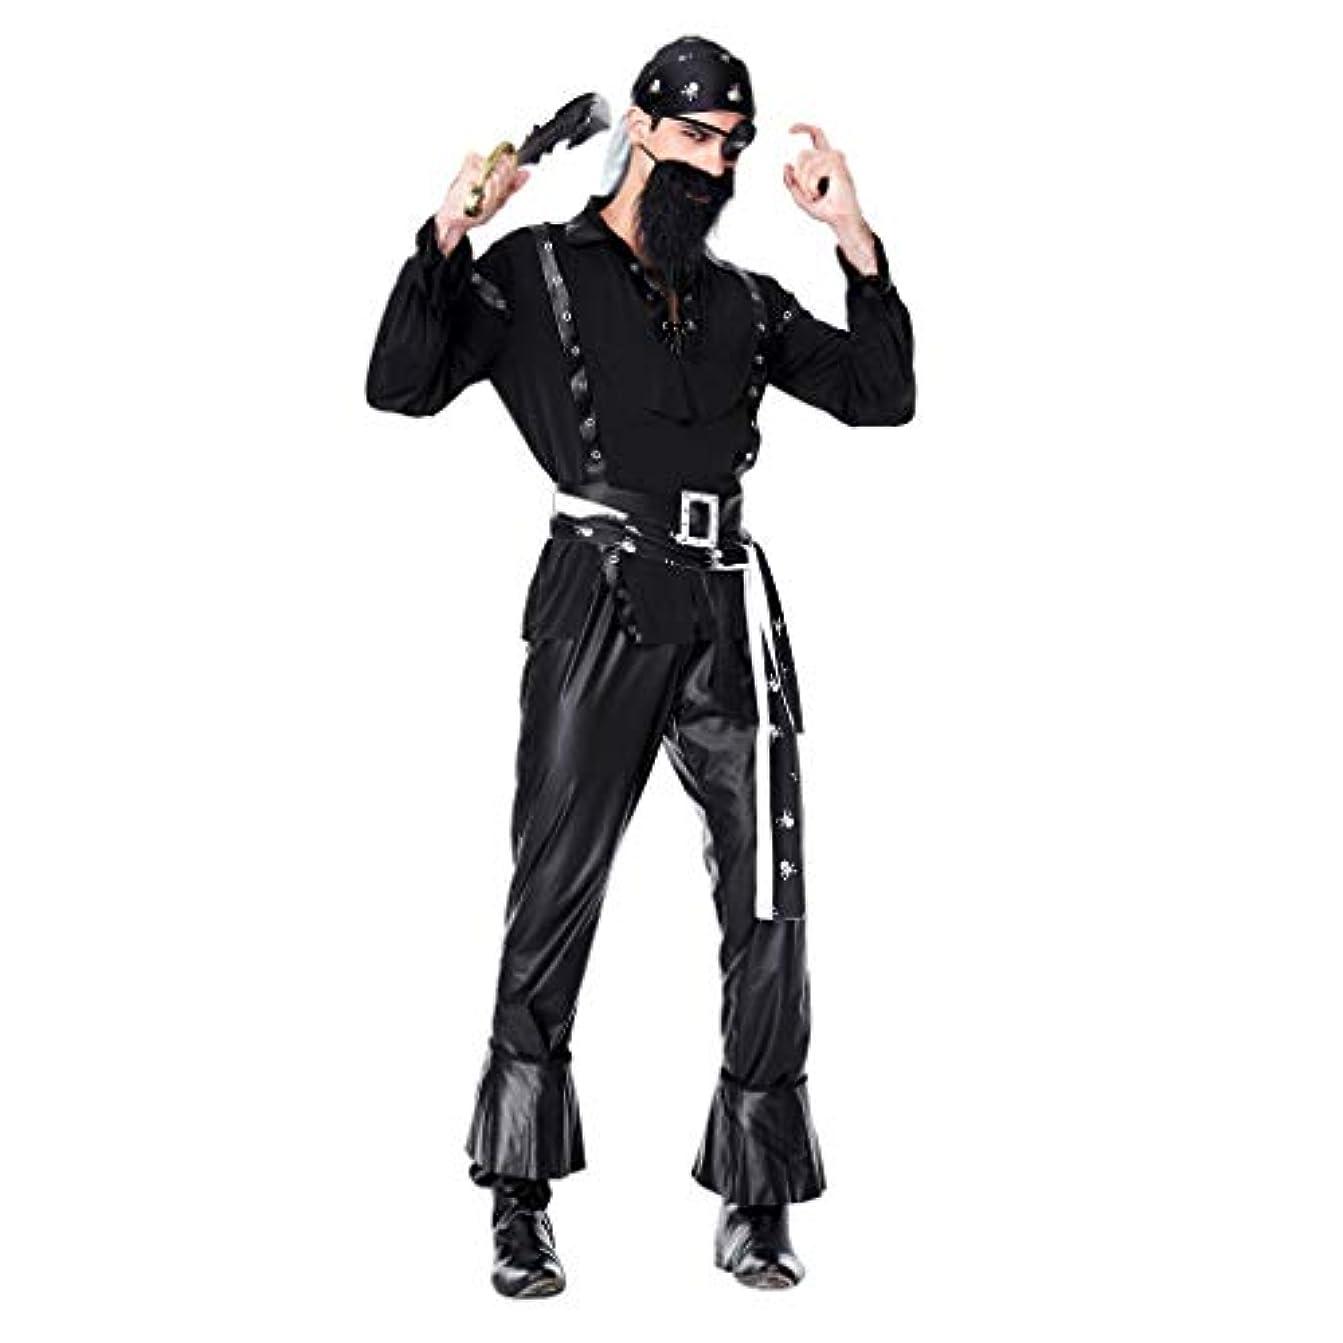 Hellery 成人男性片目バッカニア海賊キャプテン衣装仮装パーティー髭 - ブラック, XL